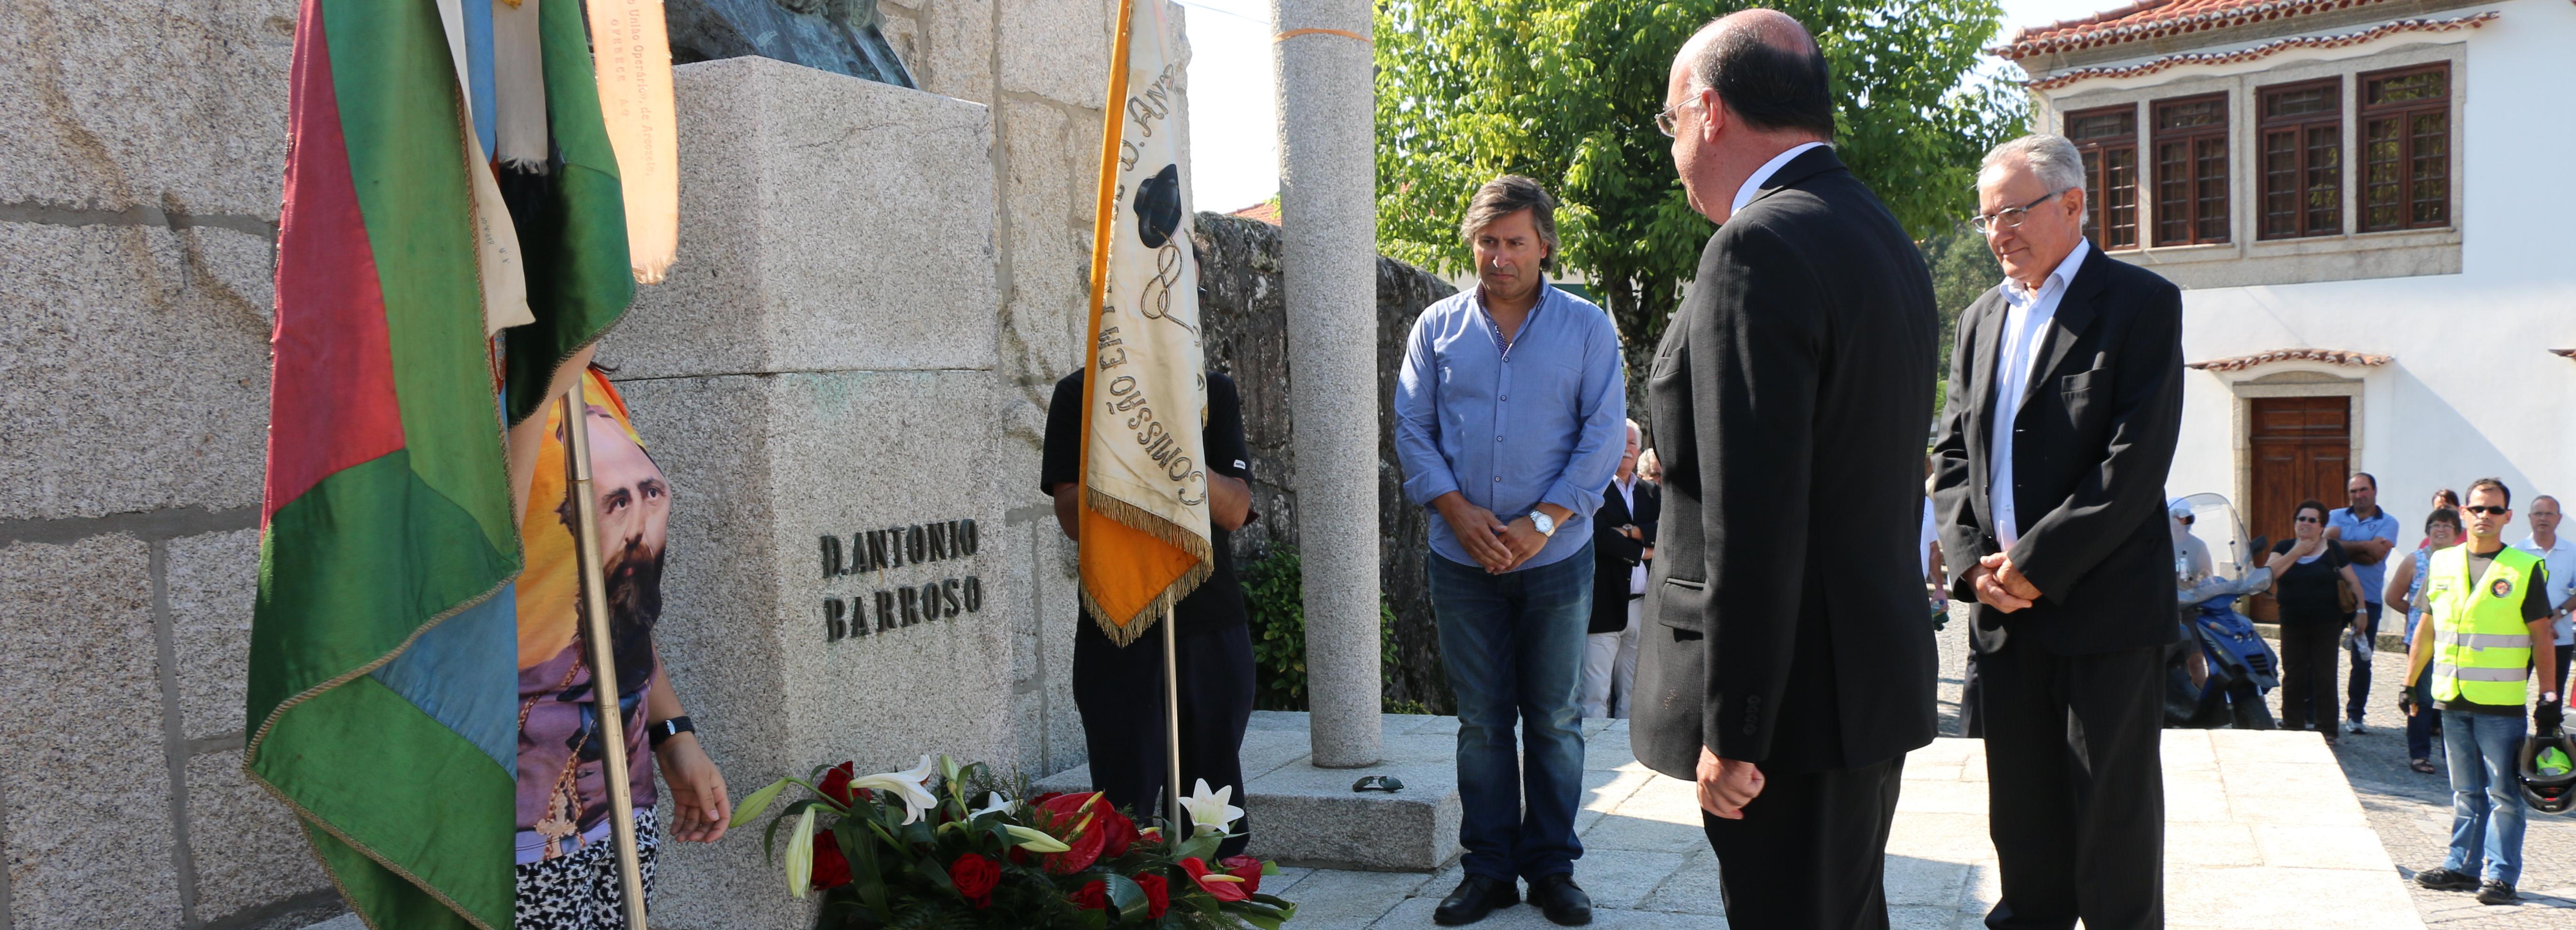 Centenas de pessoas na romagem anual a D. António Barroso